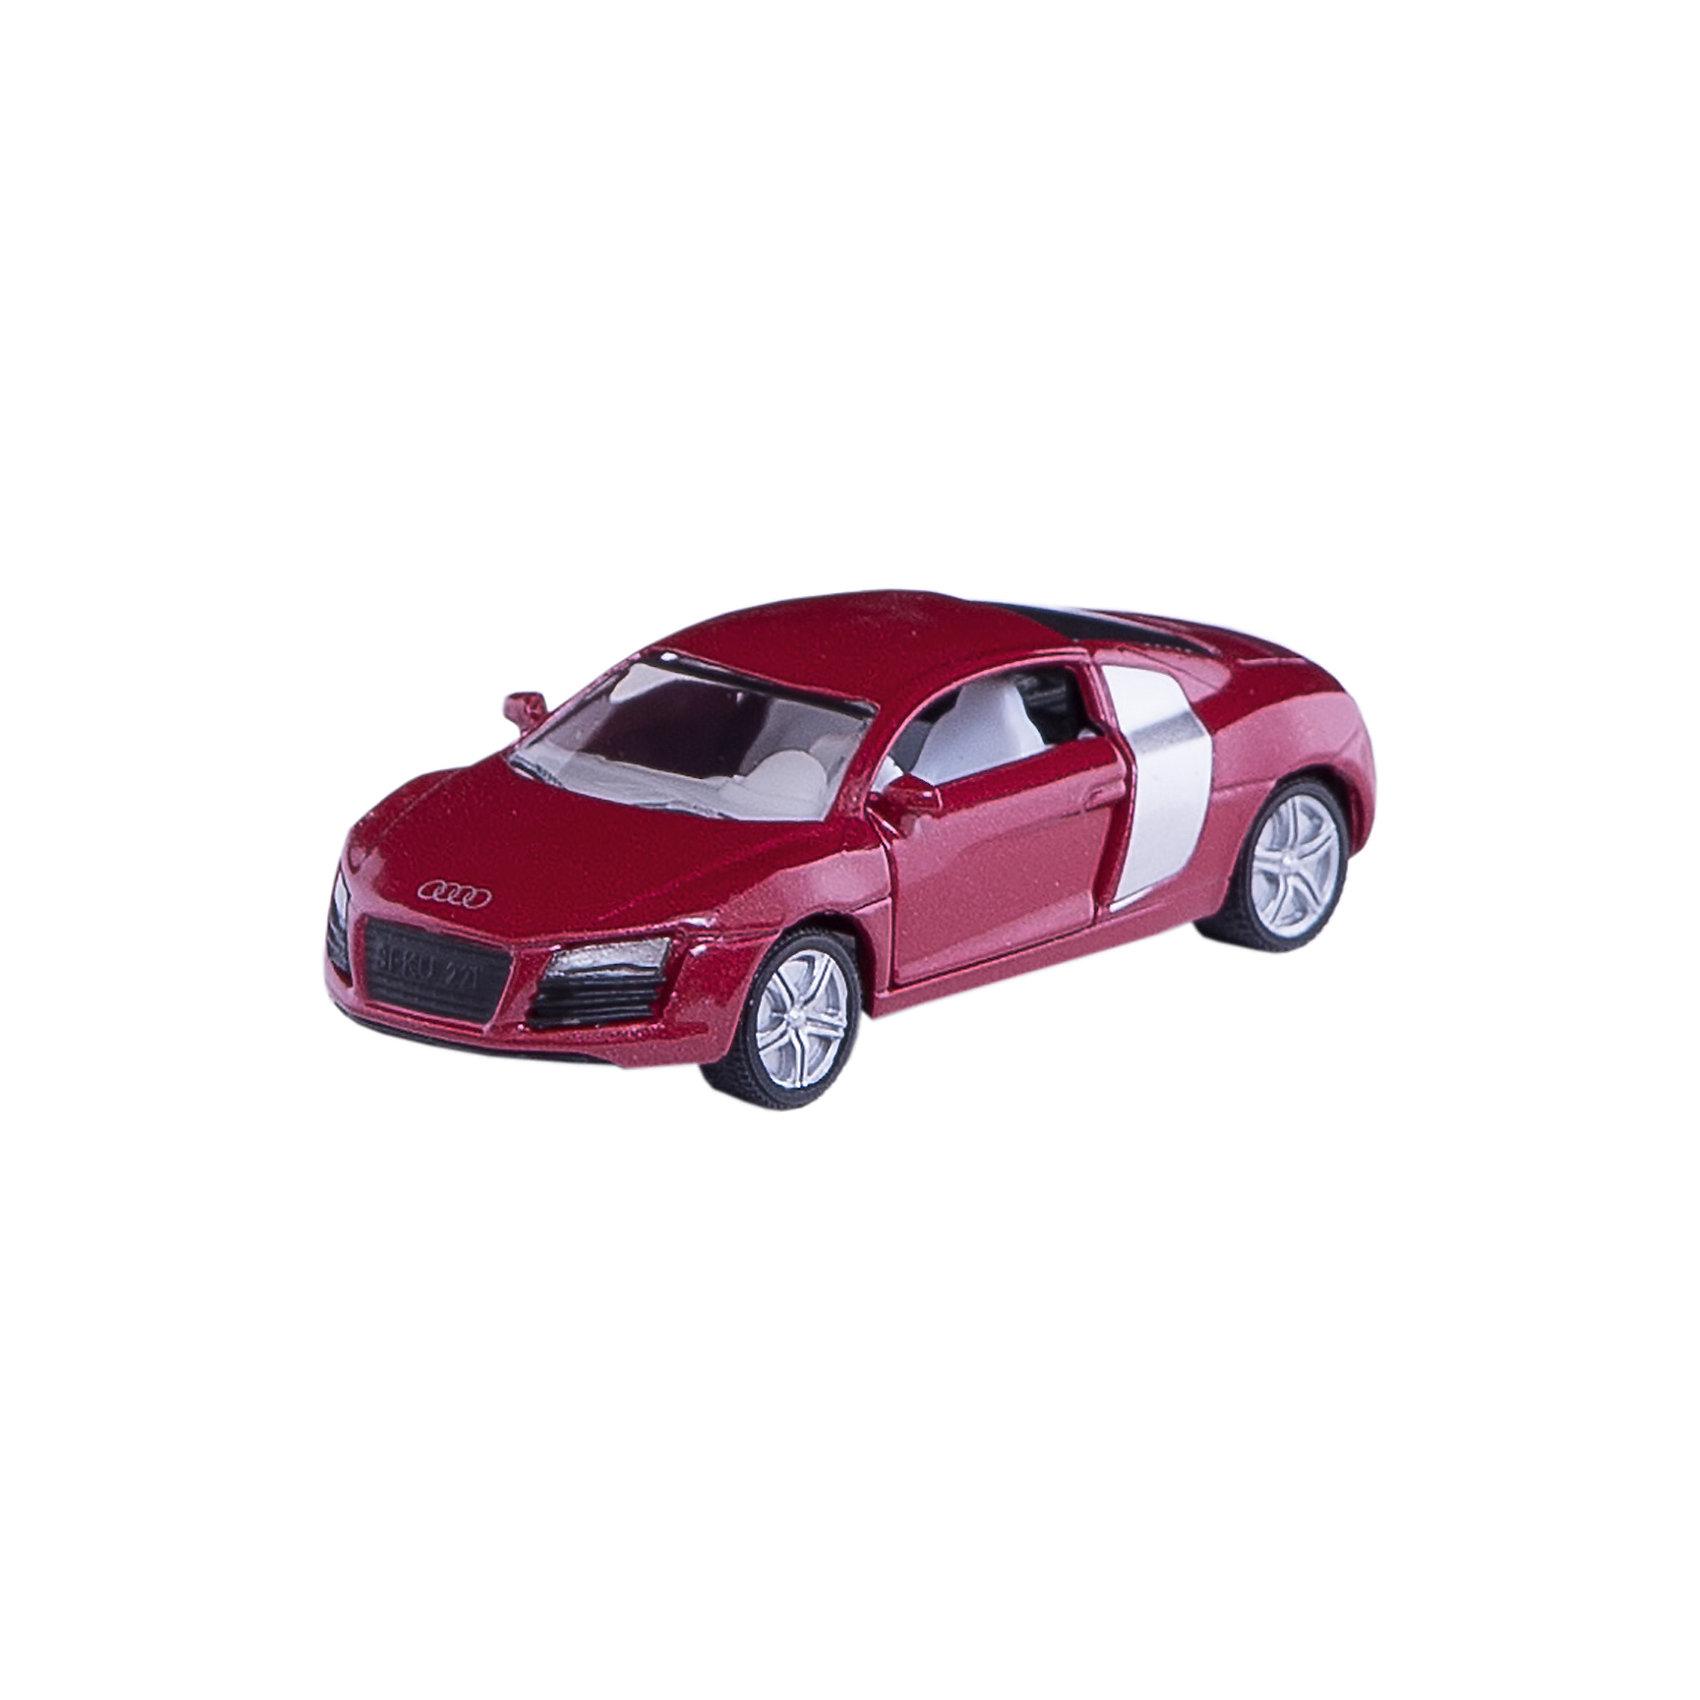 SIKU 1430 Audi R8Первый спортивный суперавтомобиль с четырьмя кольцами на радиаторе. Очень широкие колеса с резиновыми протекторами обеспечивают идеальное сцепление с дорогой в любой поездке. Двери открываются, диски соответствуют оригинальным вплоть до деталей. Необычное цветовое решение радует глаз.<br><br>Игрушечные модели SIKU уже более 50 лет отличаются высоким качеством и безопасностью. Они имеют сертификаты T?V и GS, изготавливаются в соответствии с актуальными предписаниями по безопасности и отмечены знаком SPIEL GUT. Игрушки не предназначены для детей младше 36 месяцев, так как содержат мелкие детали, которые могут быть проглочены.<br><br>Д/Ш/В: 80x37x24 мм<br><br>+++Примечание+++<br>Фирма SIKU оставляет за собой право на изменение цвета и технических характеристик моделей. При демонстрации новинок в ряде случаев используются оригинальные фотографии и прототипы. Поставляемая модель может отличаться от представленной на фотографии.<br><br>Ширина мм: 94<br>Глубина мм: 78<br>Высота мм: 38<br>Вес г: 56<br>Возраст от месяцев: 36<br>Возраст до месяцев: 96<br>Пол: Мужской<br>Возраст: Детский<br>SKU: 1636693